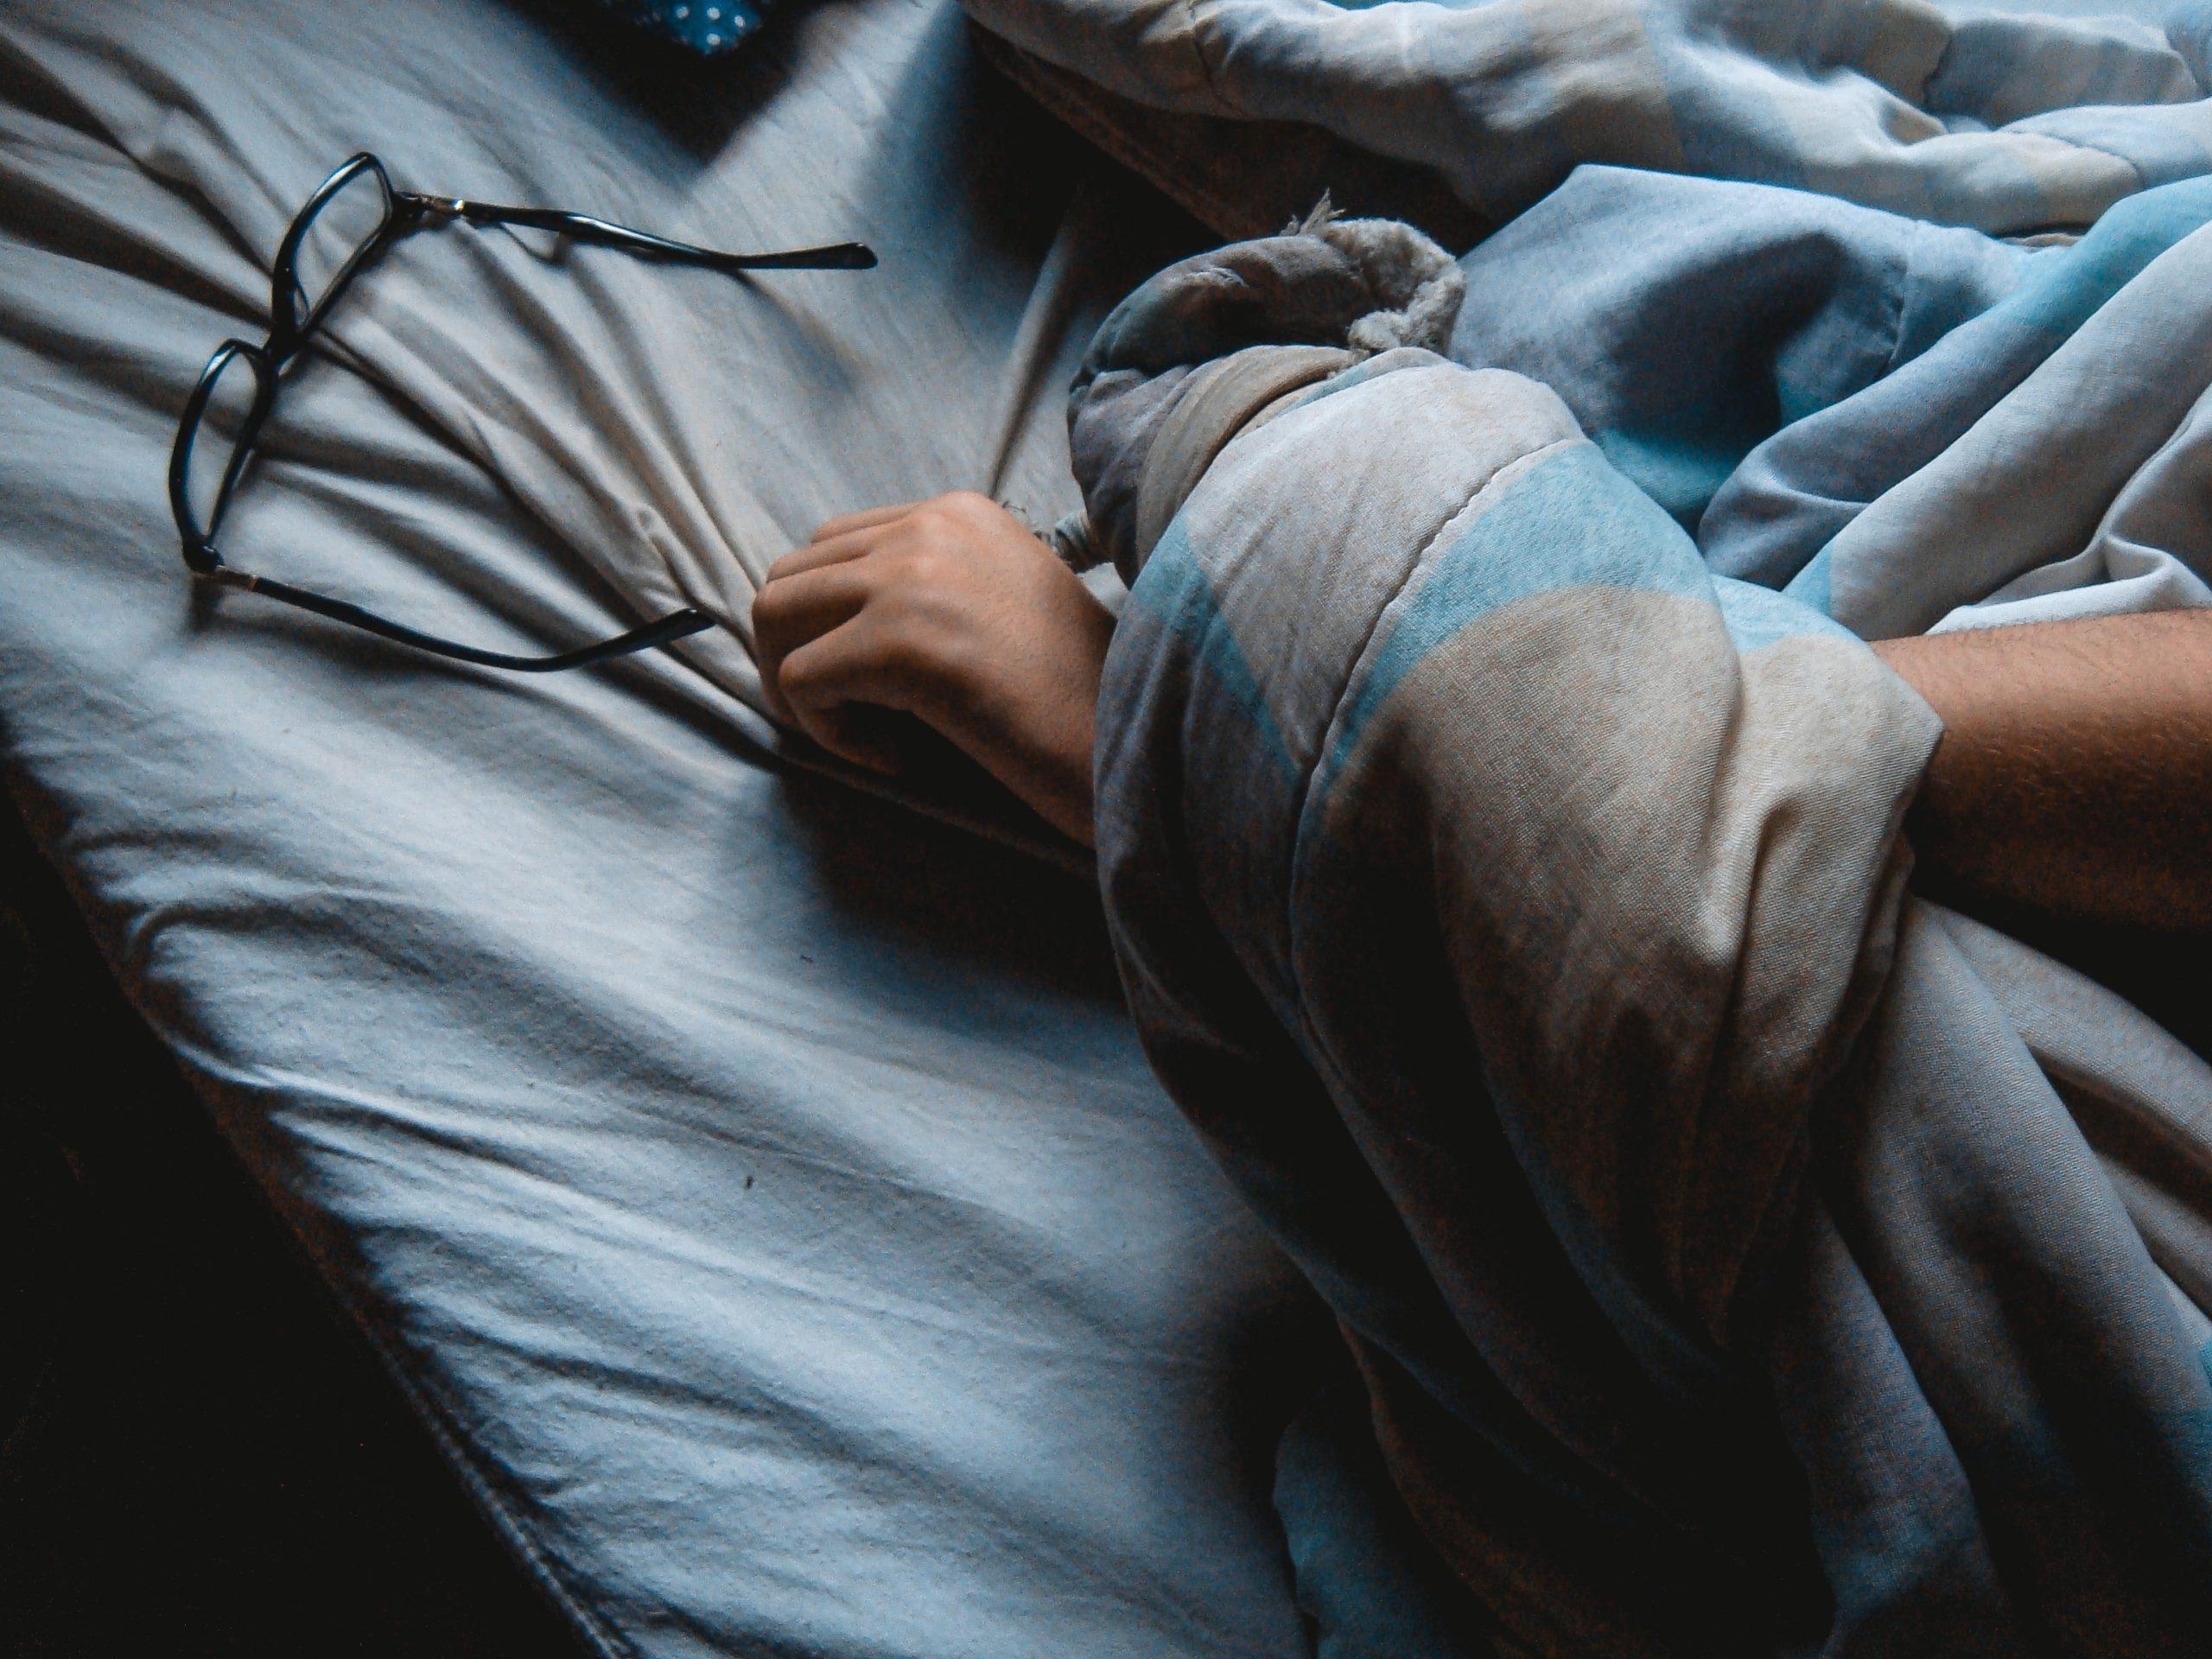 Image d'une personne dormant dans son lit pour symboliser le sommeil